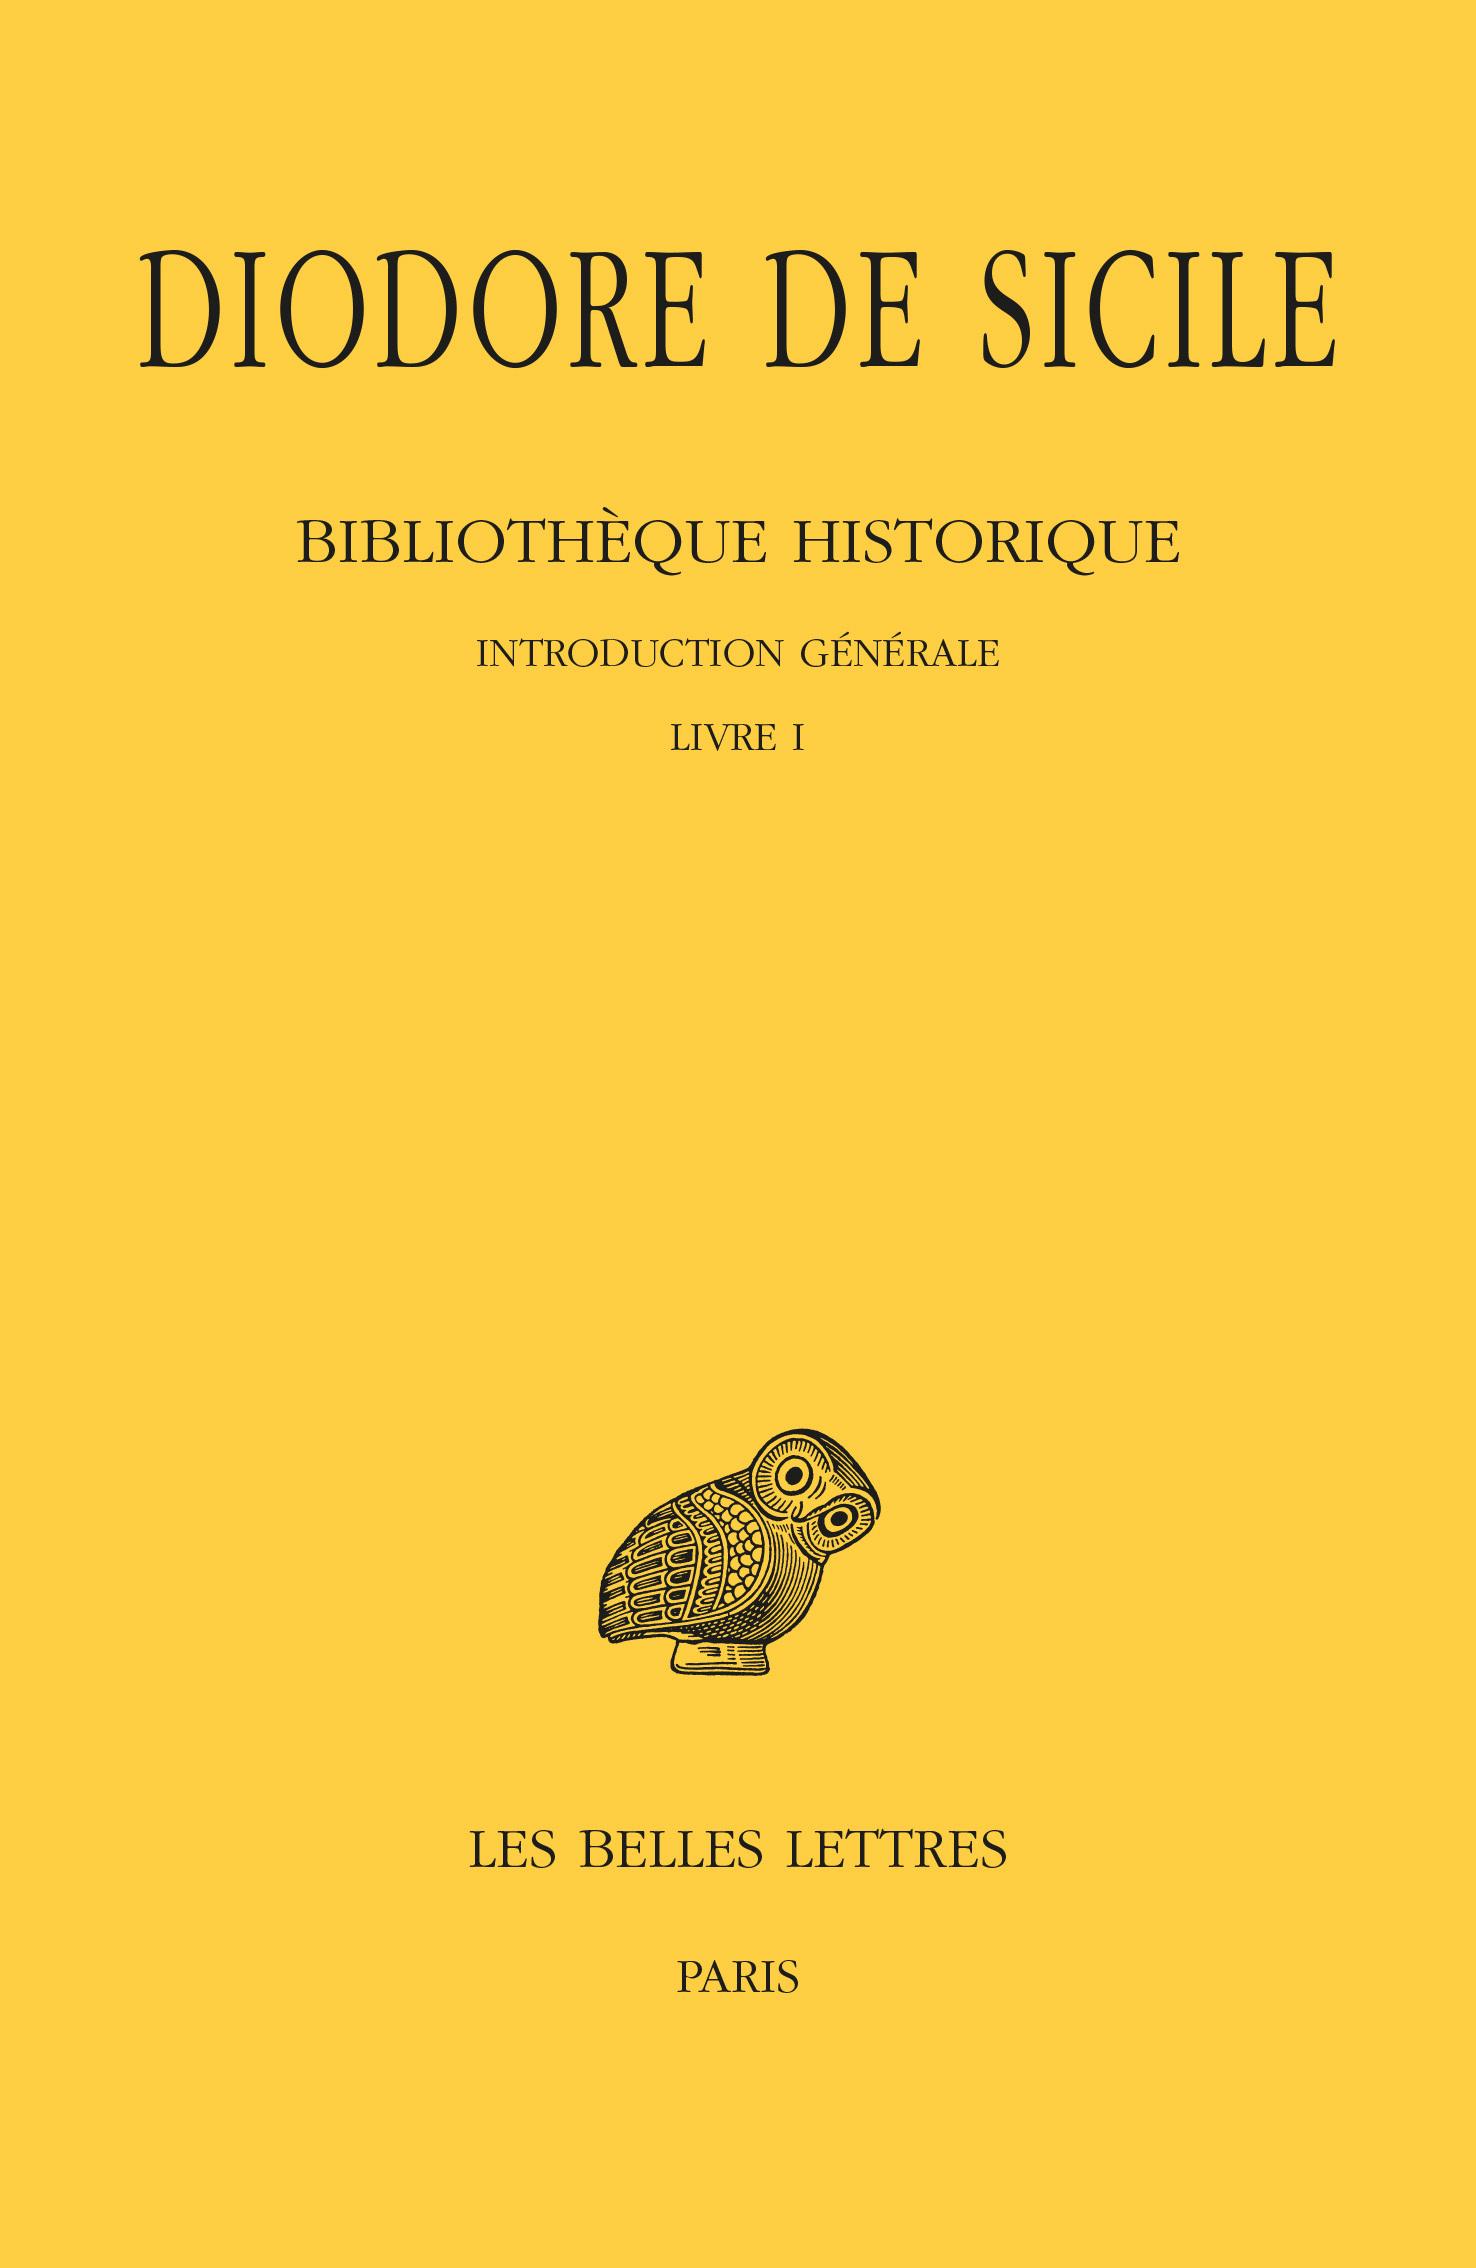 BIBLIOTHEQUE HISTORIQUE T1/INTRODUCTION GENERALE L1